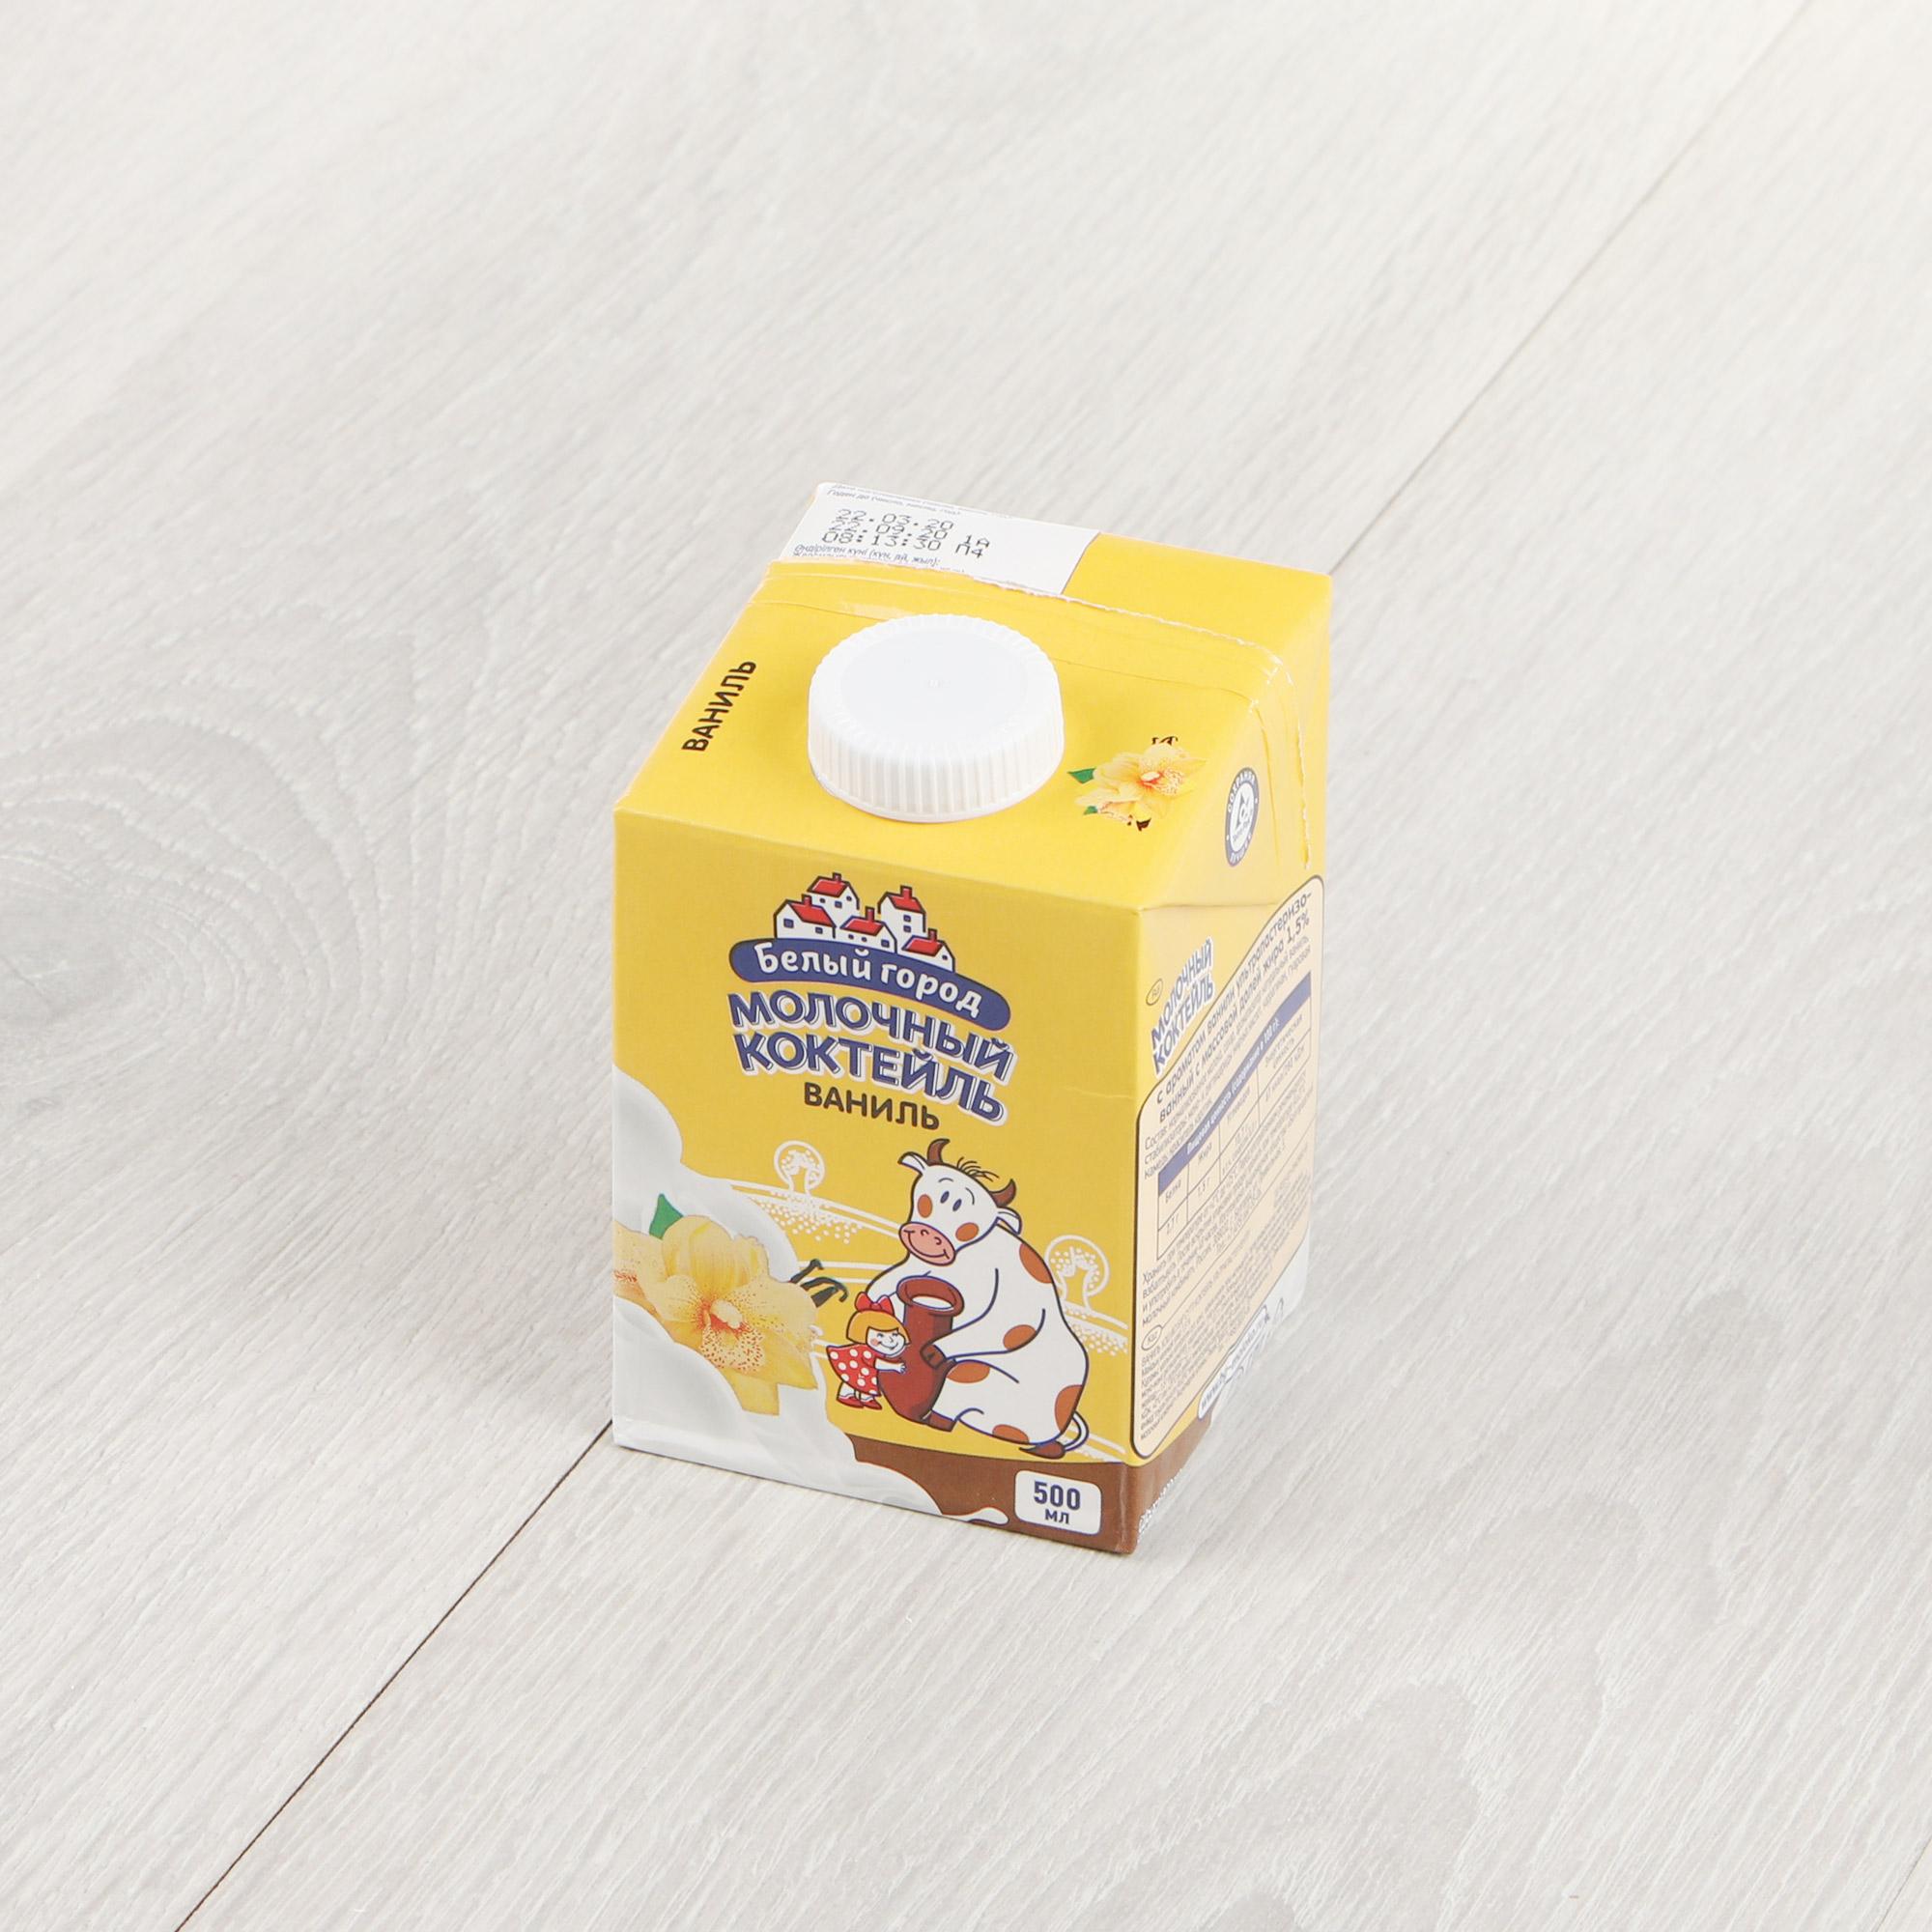 Коктейль Белый город молочный ваниль 1,5% 500 мл